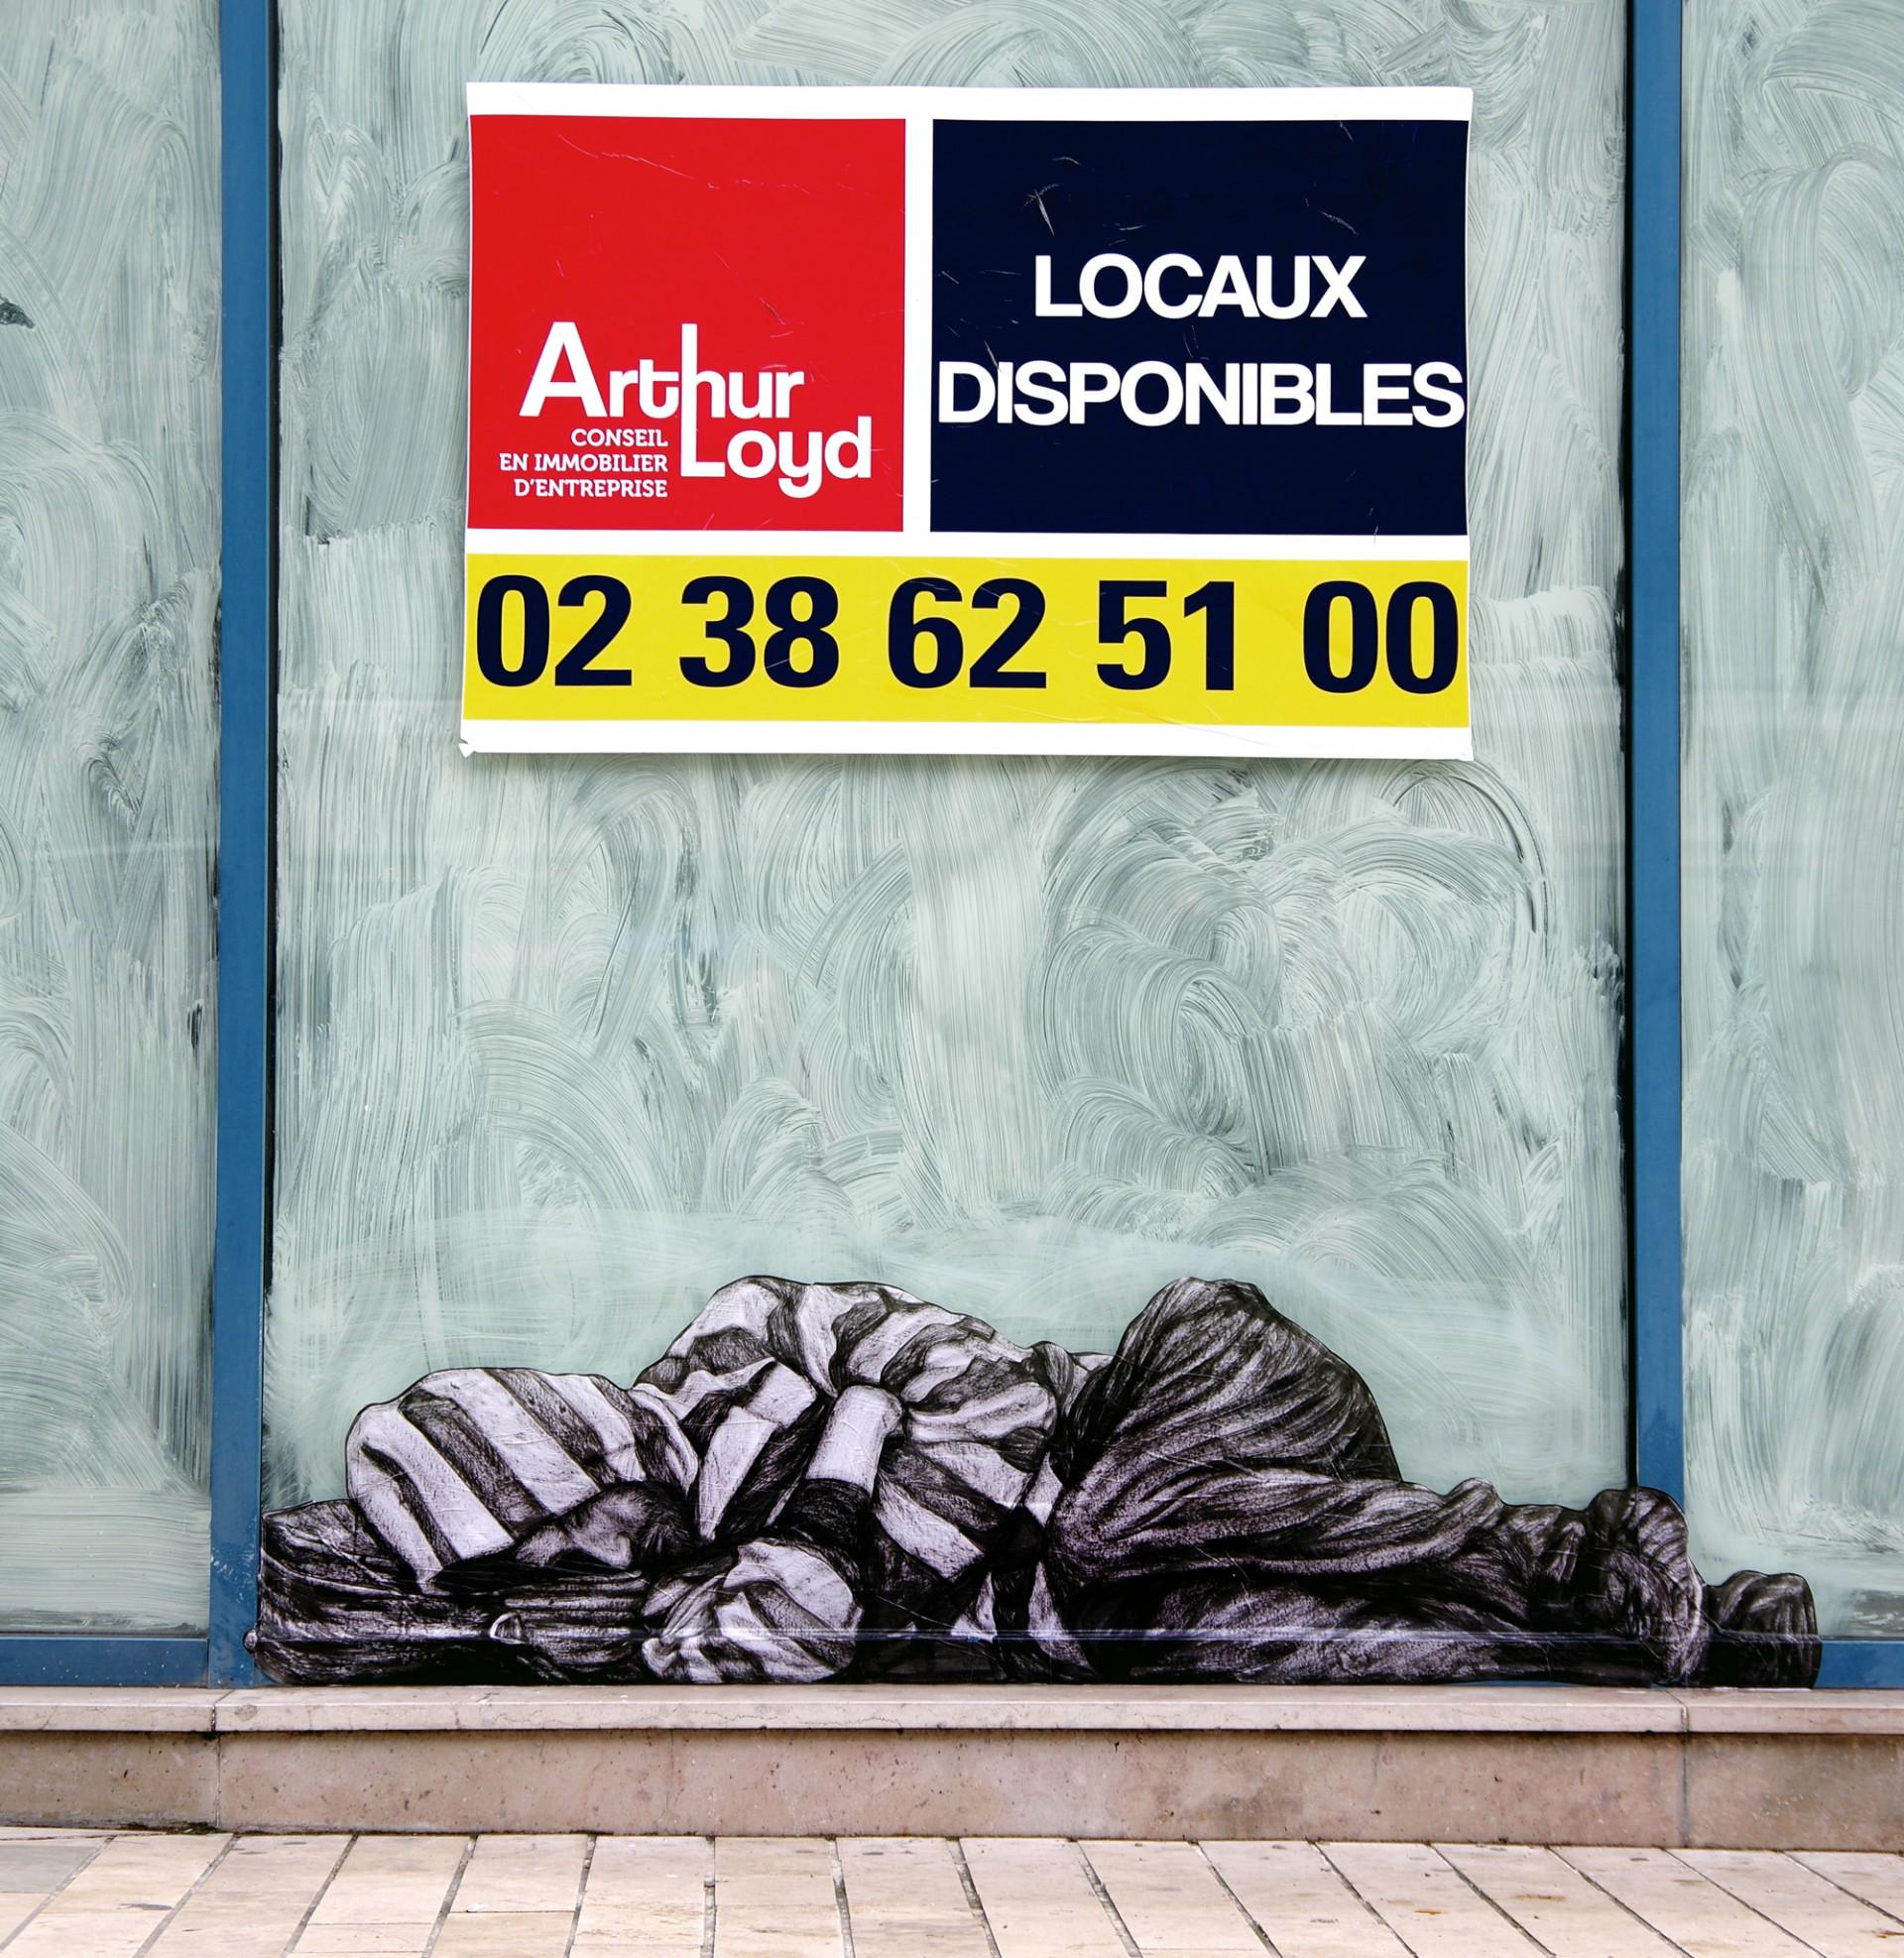 Homem dormindo na rua